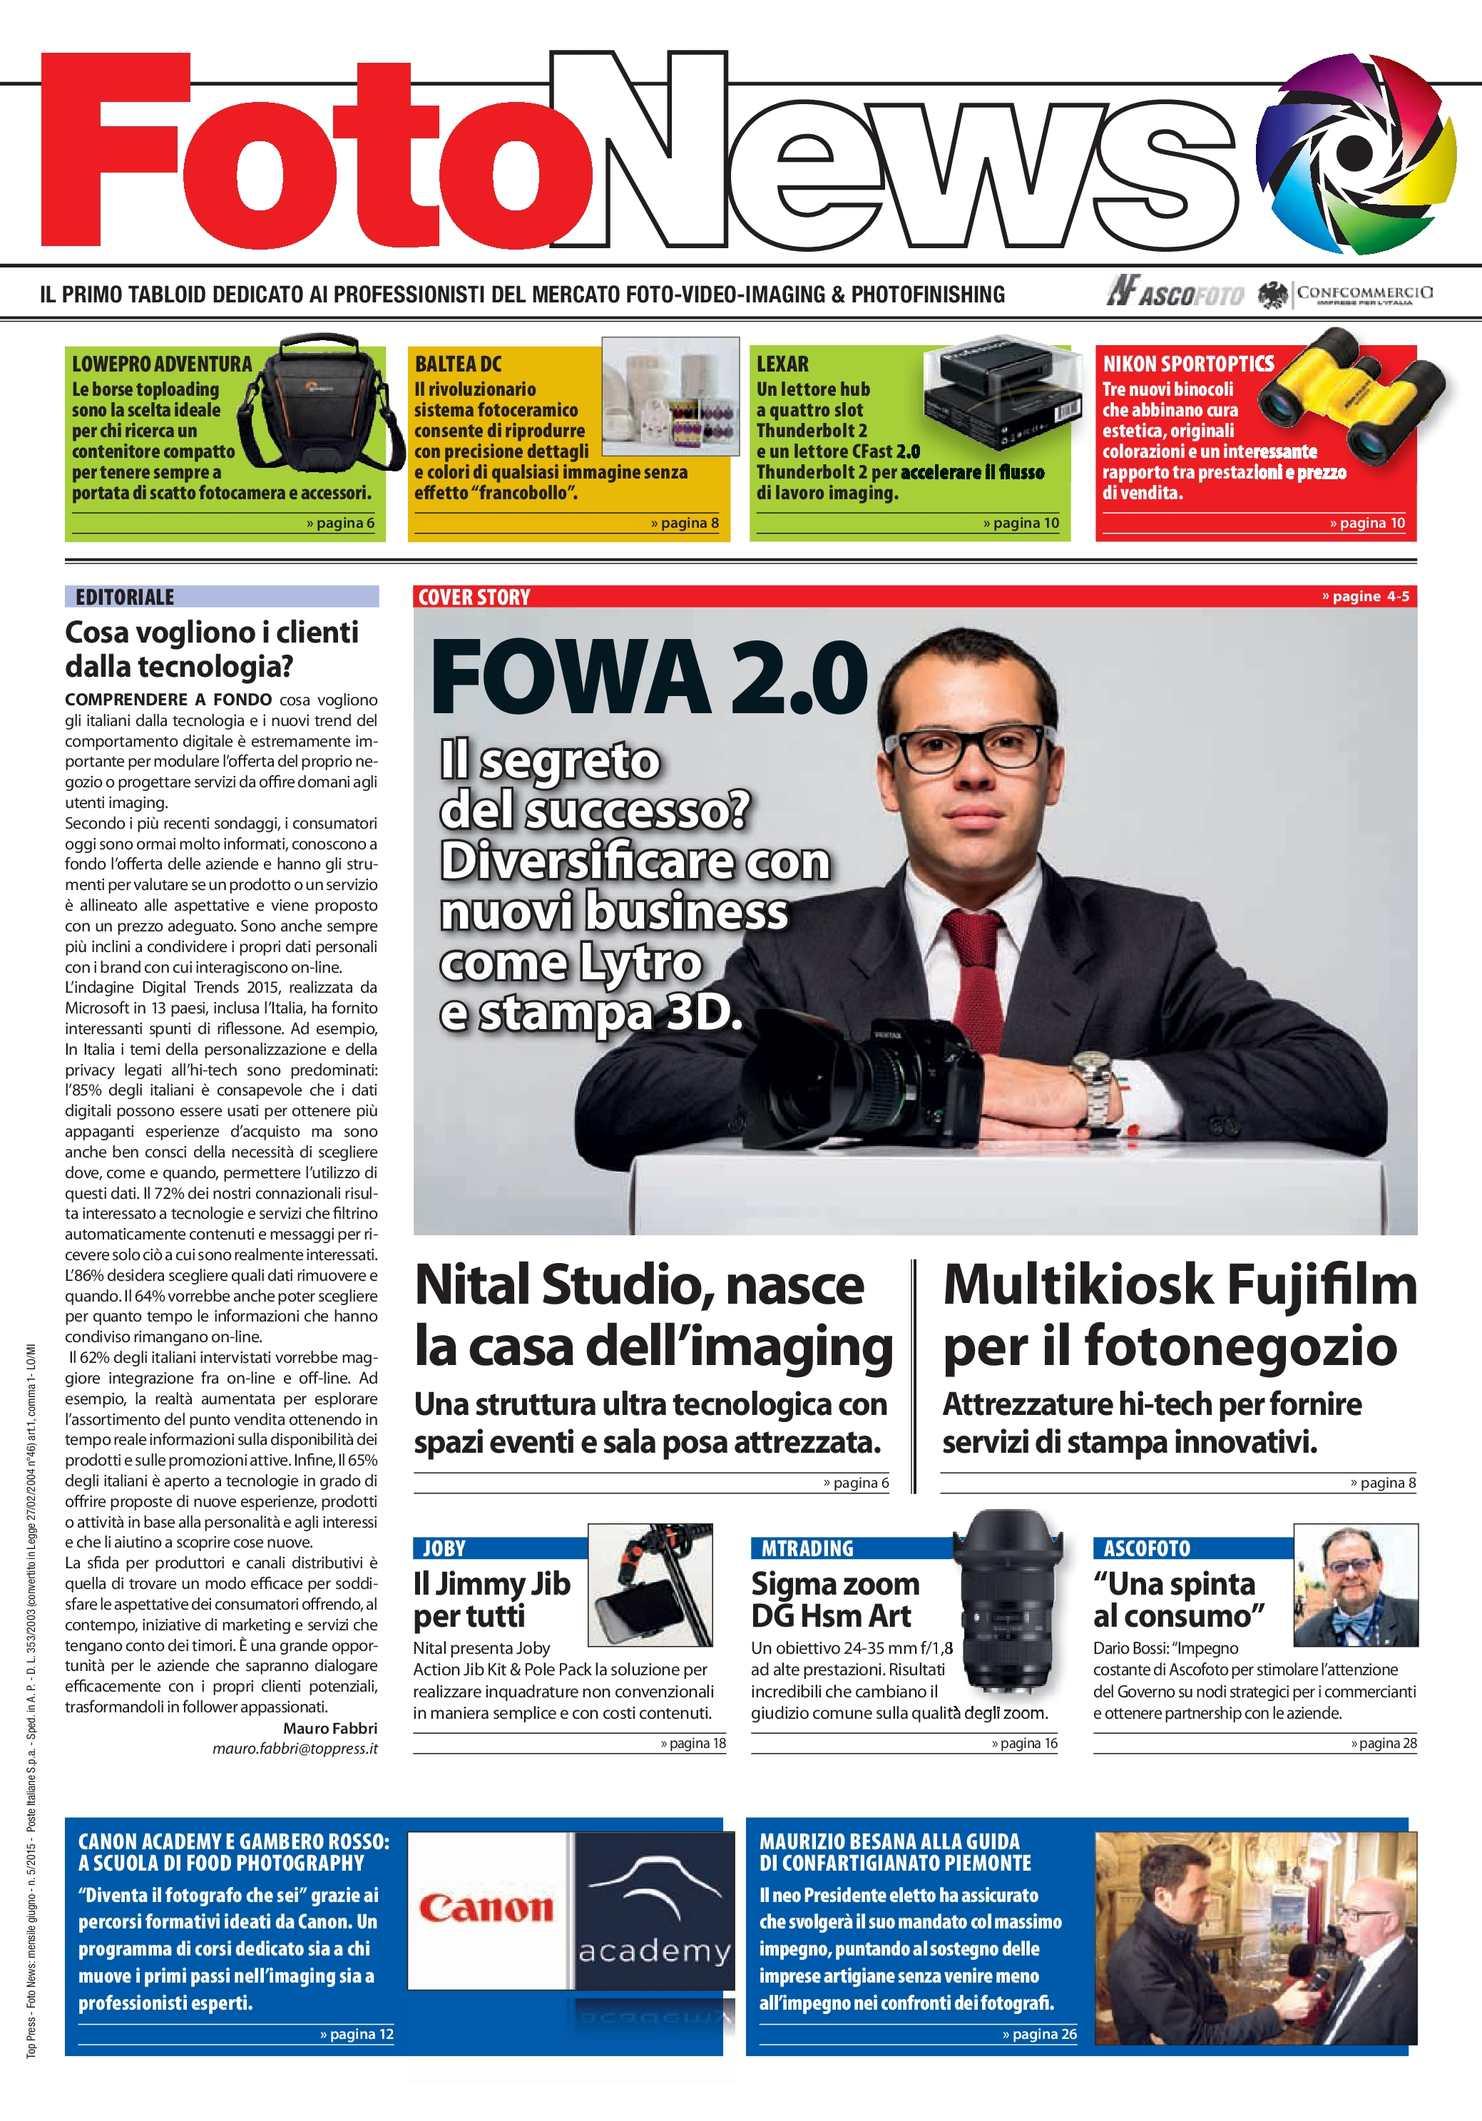 Fotonews 05/2015